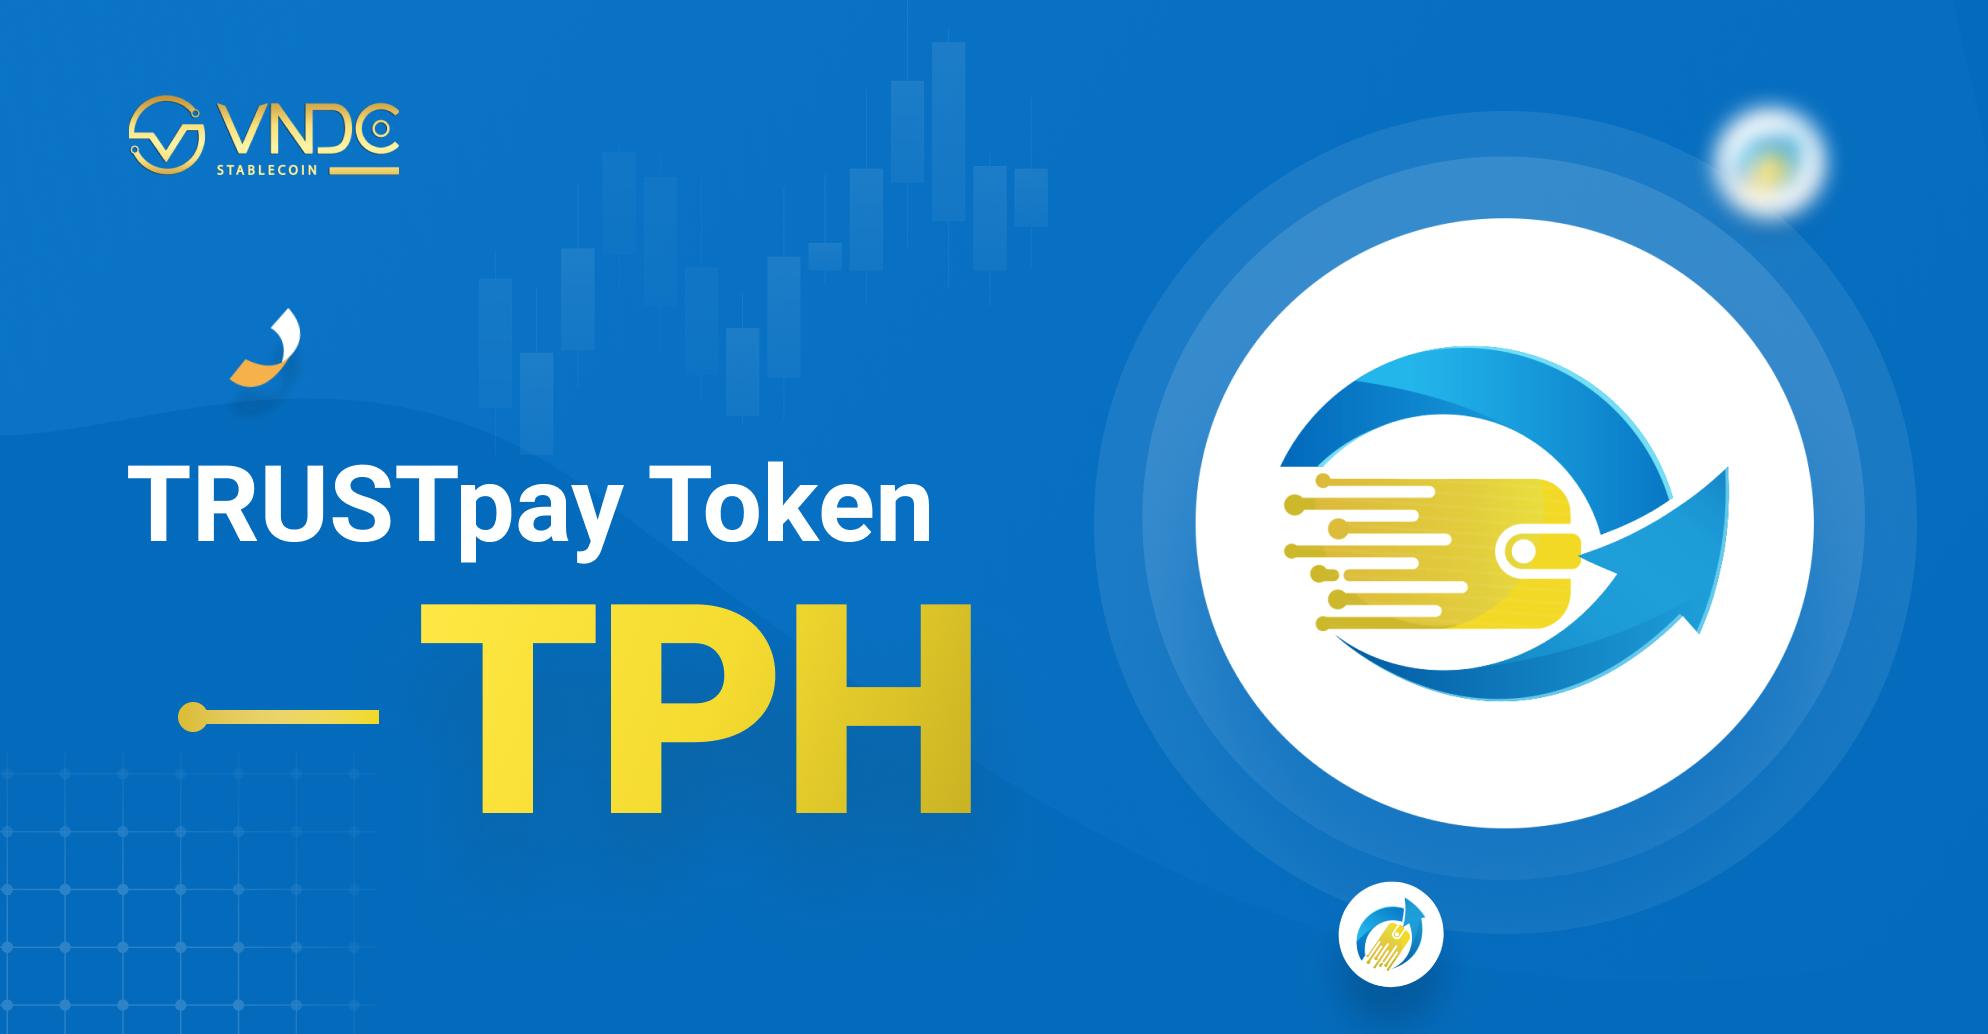 Kế hoạch mở bán TRUSTpay Token (TPH) qua VNDC Launchpad